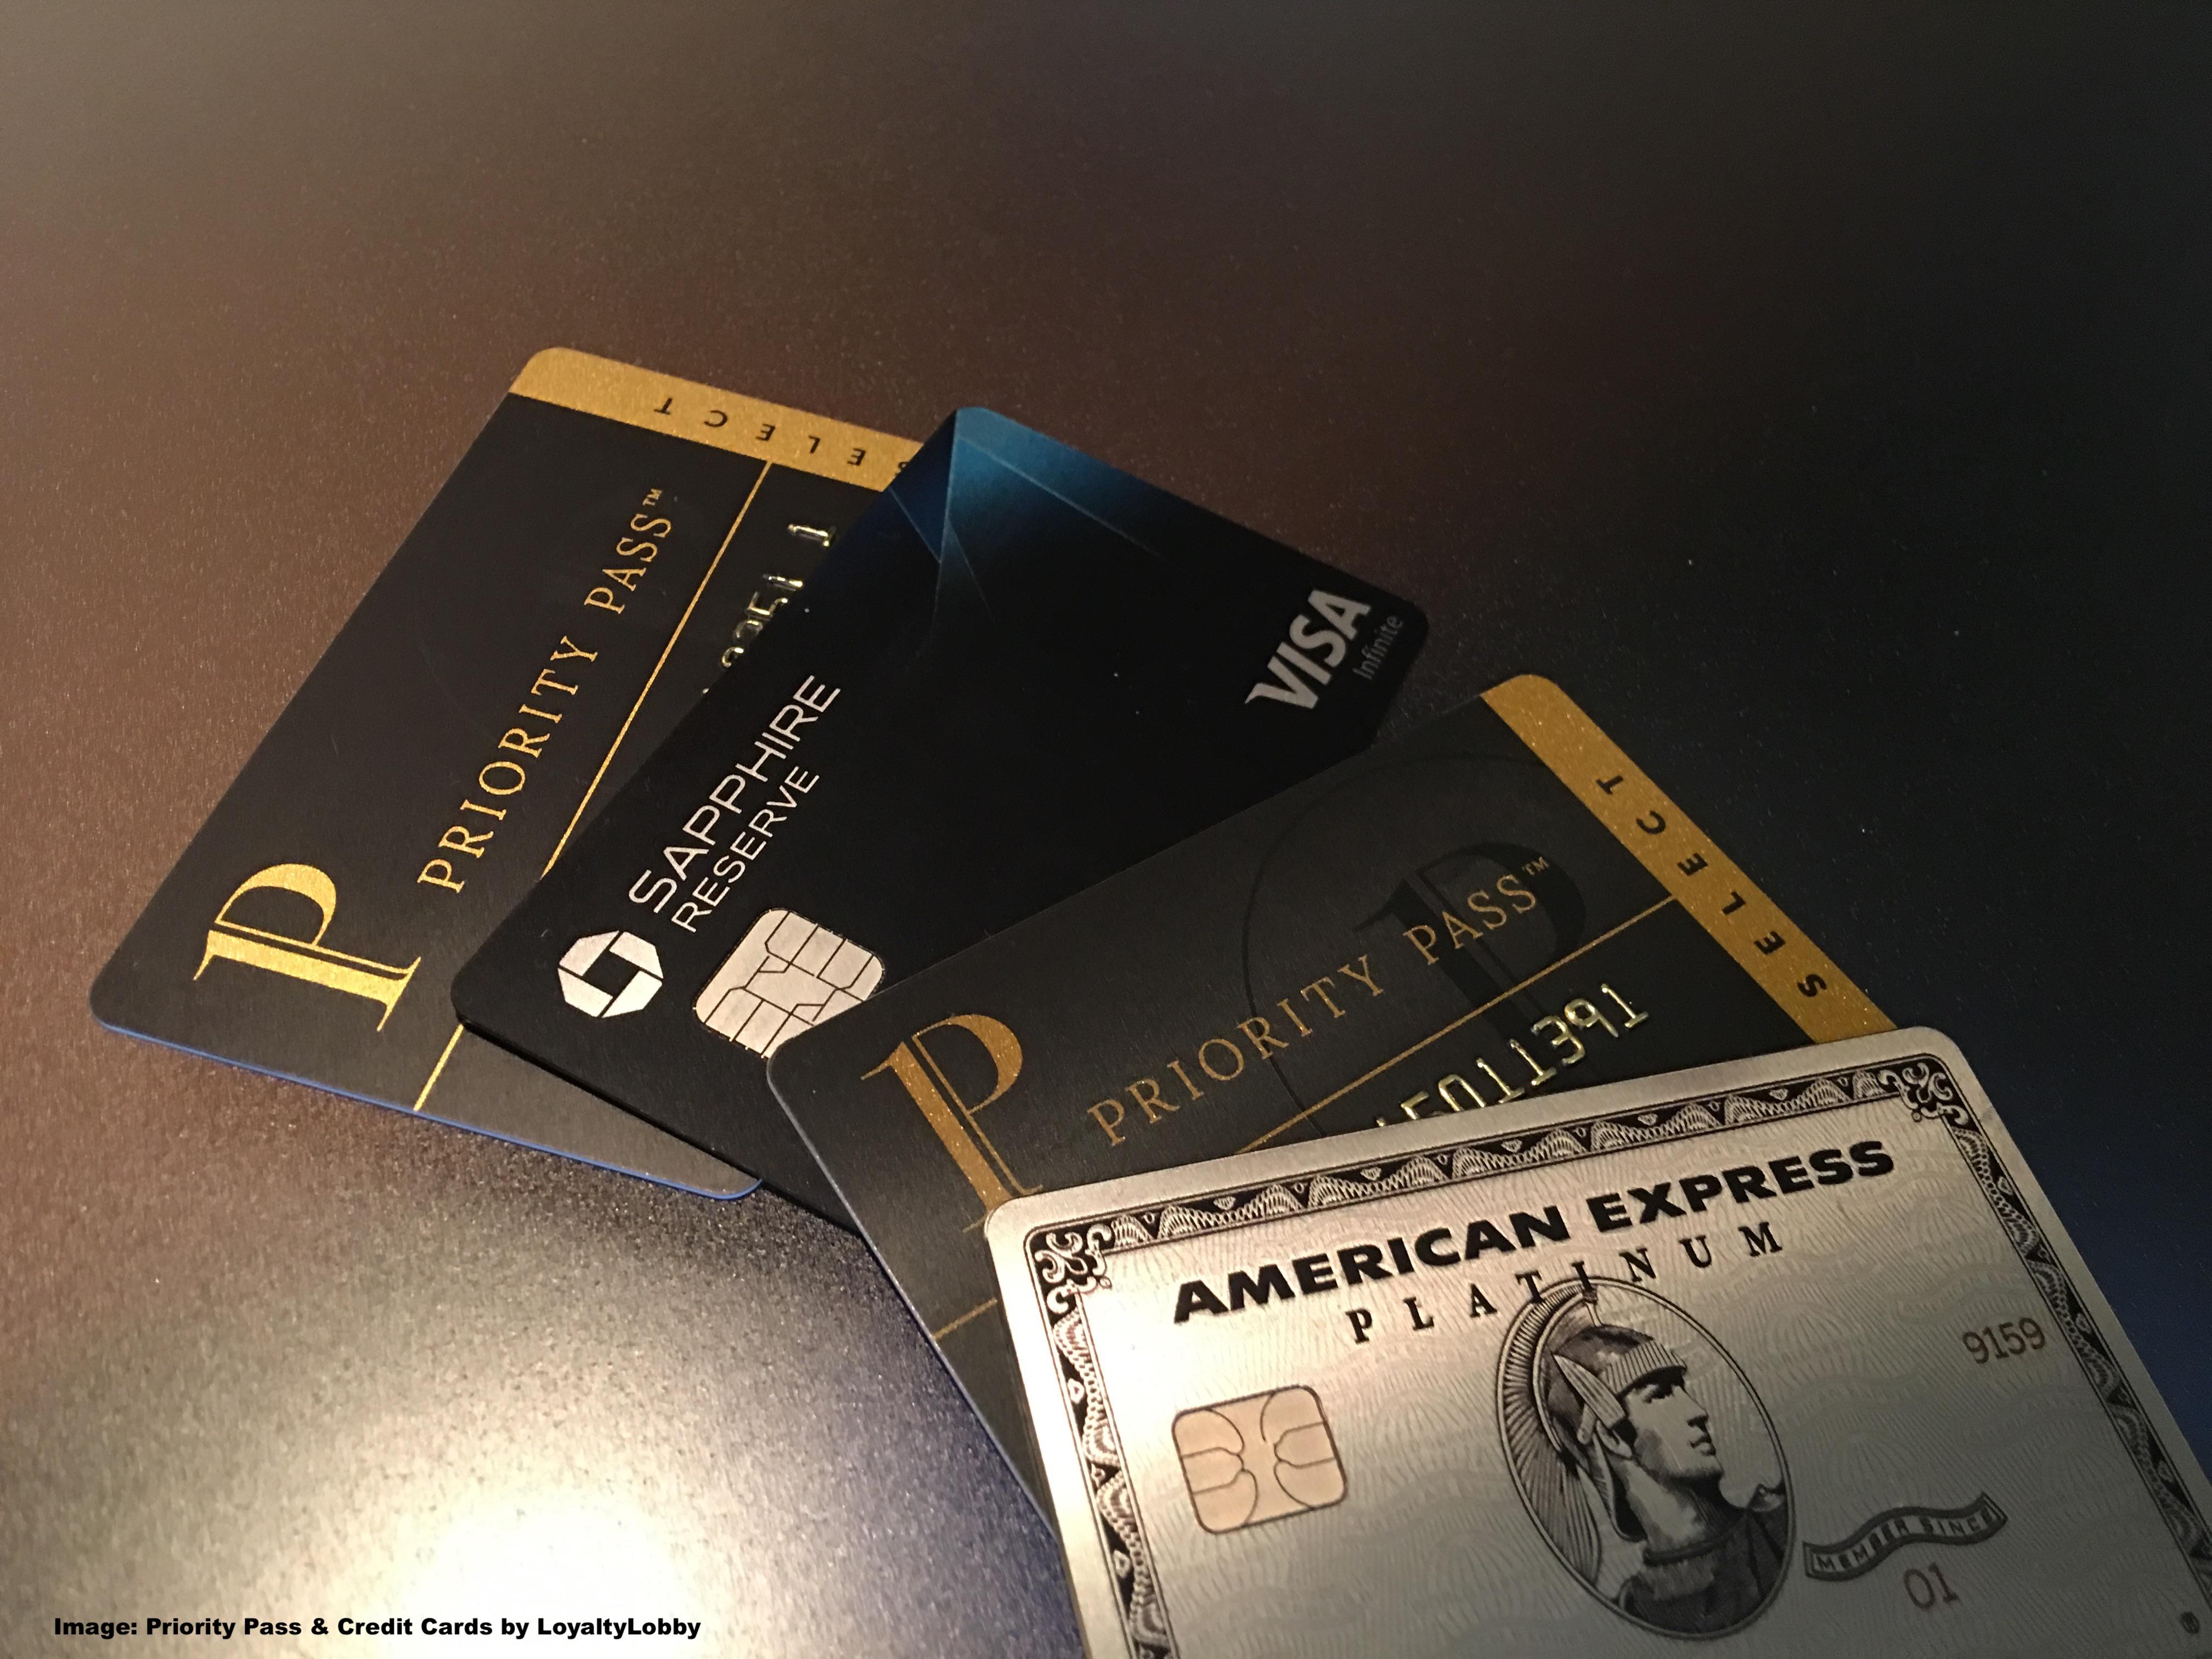 Update: American Express (U.S.) Cuts Priority Pass Restaurant Use